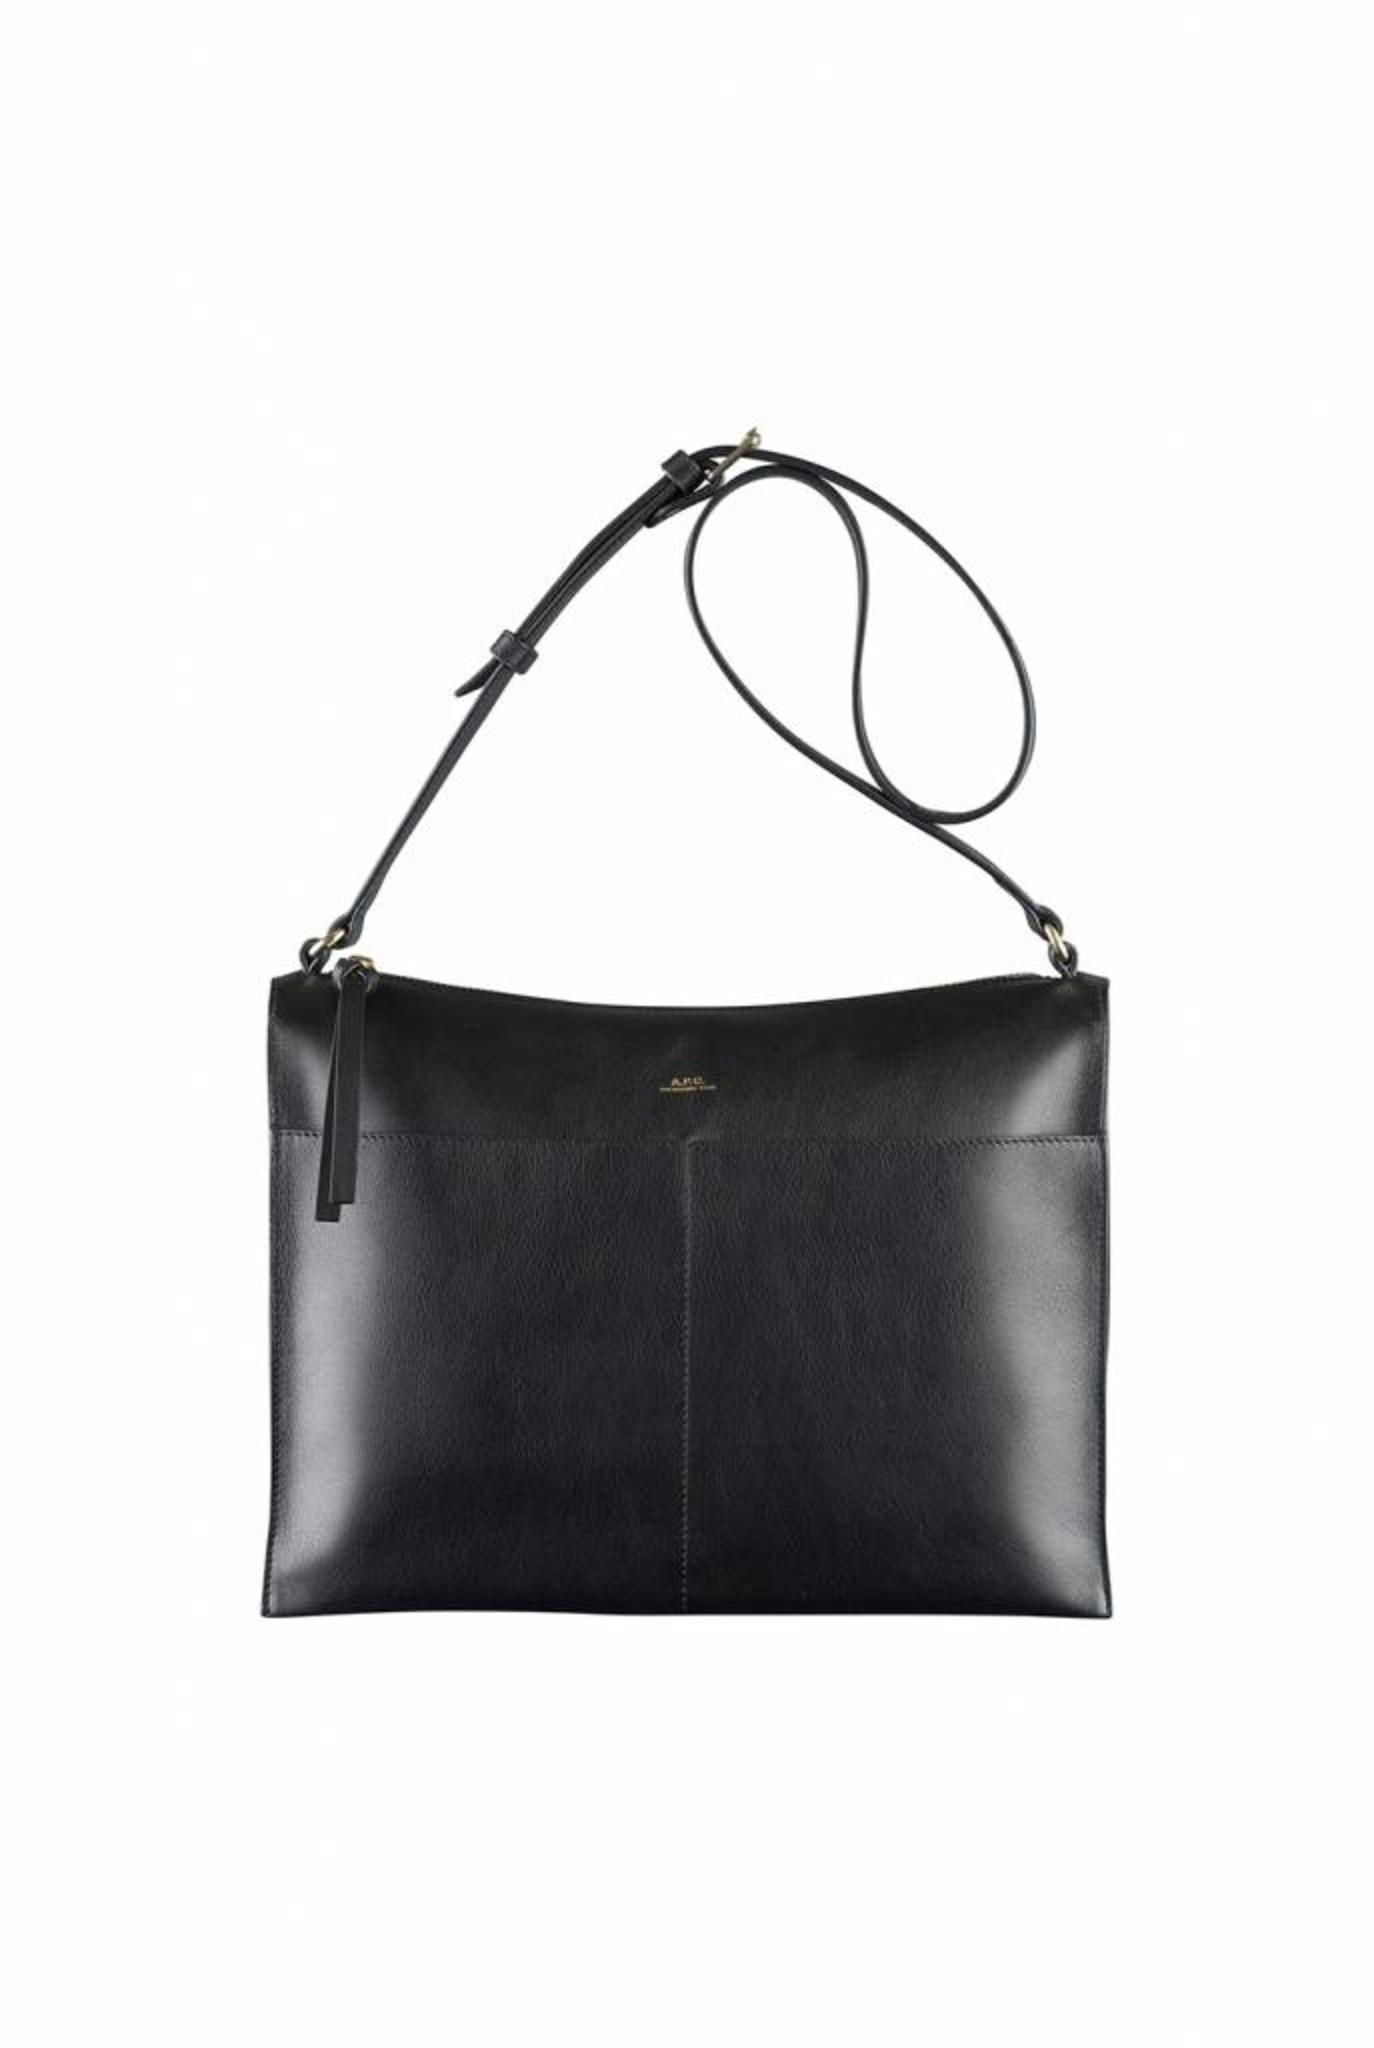 Suzanne bag black